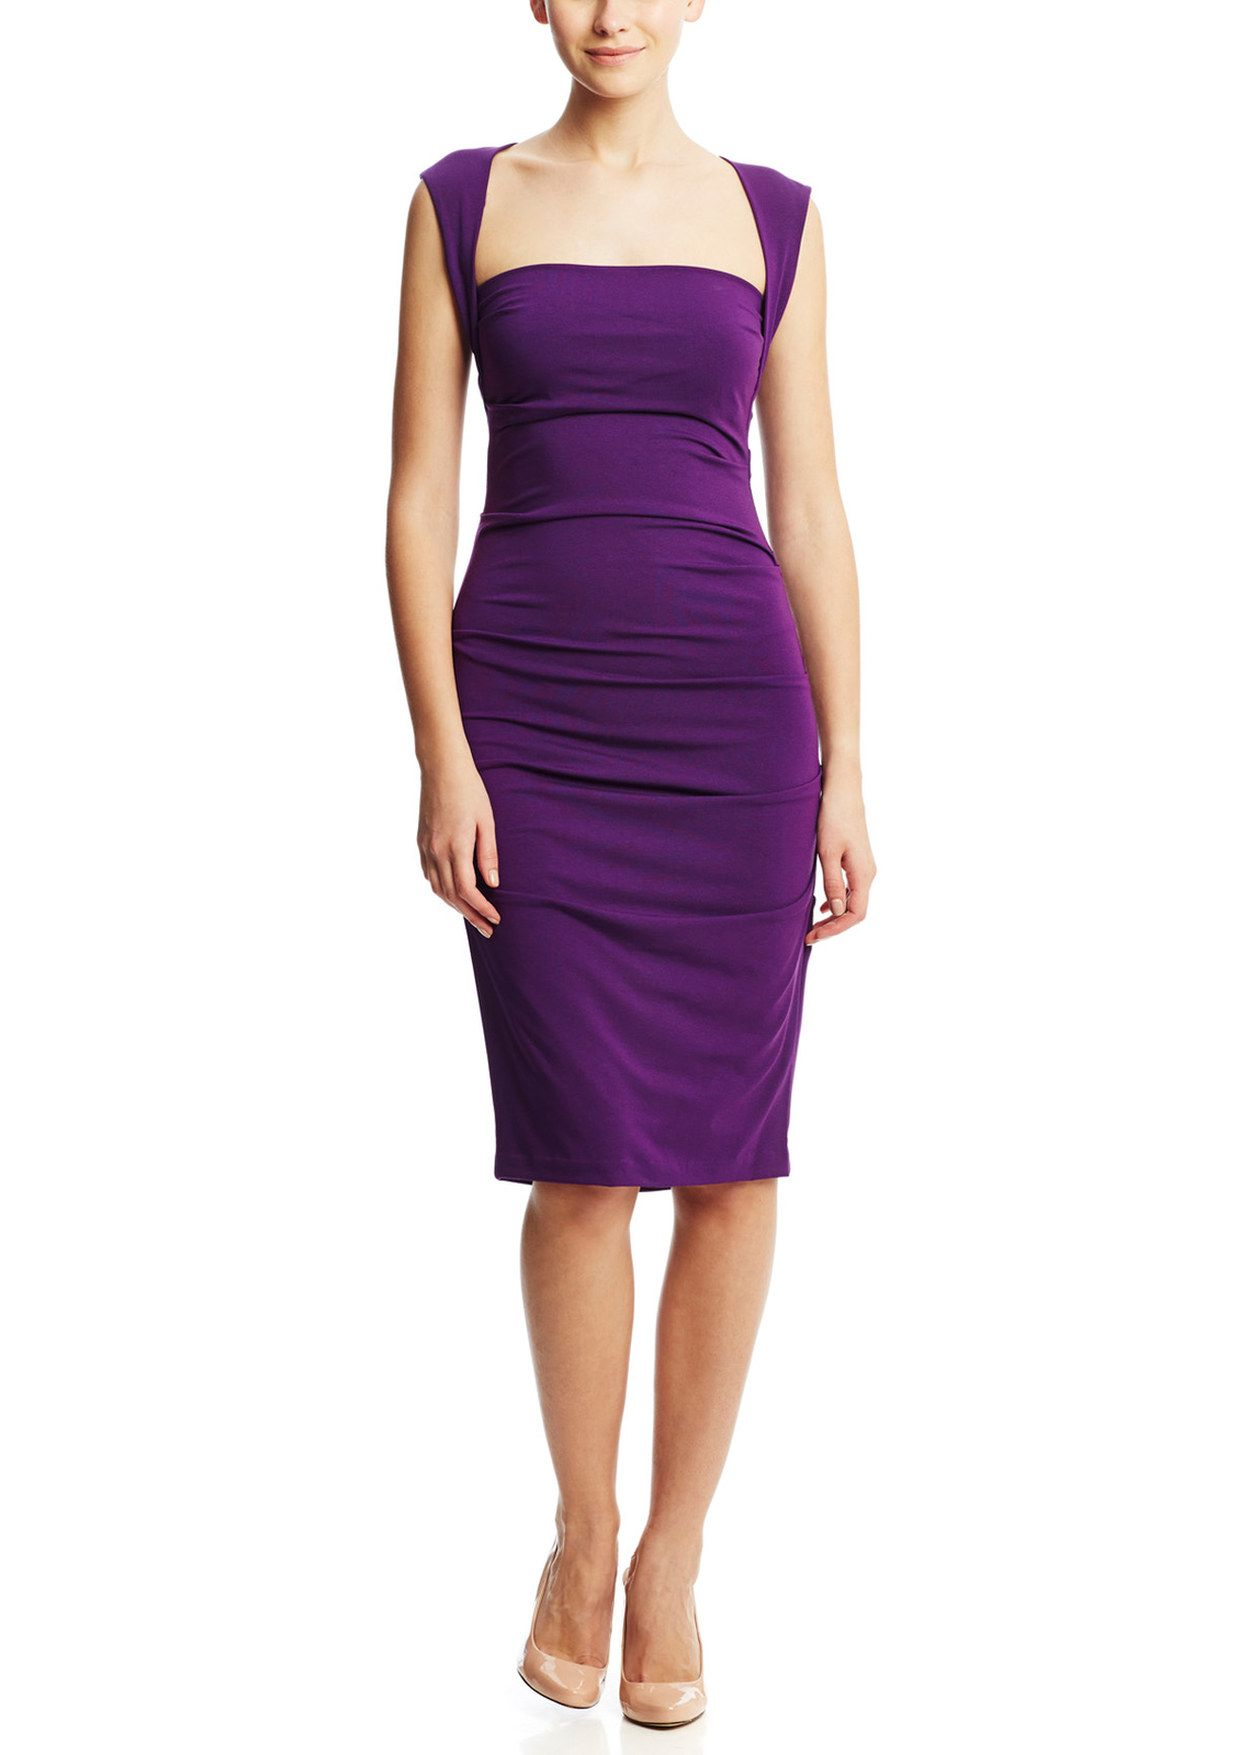 NICOLE MILLER Felicity Cocktail Dress | ideel | Professor Plum ...